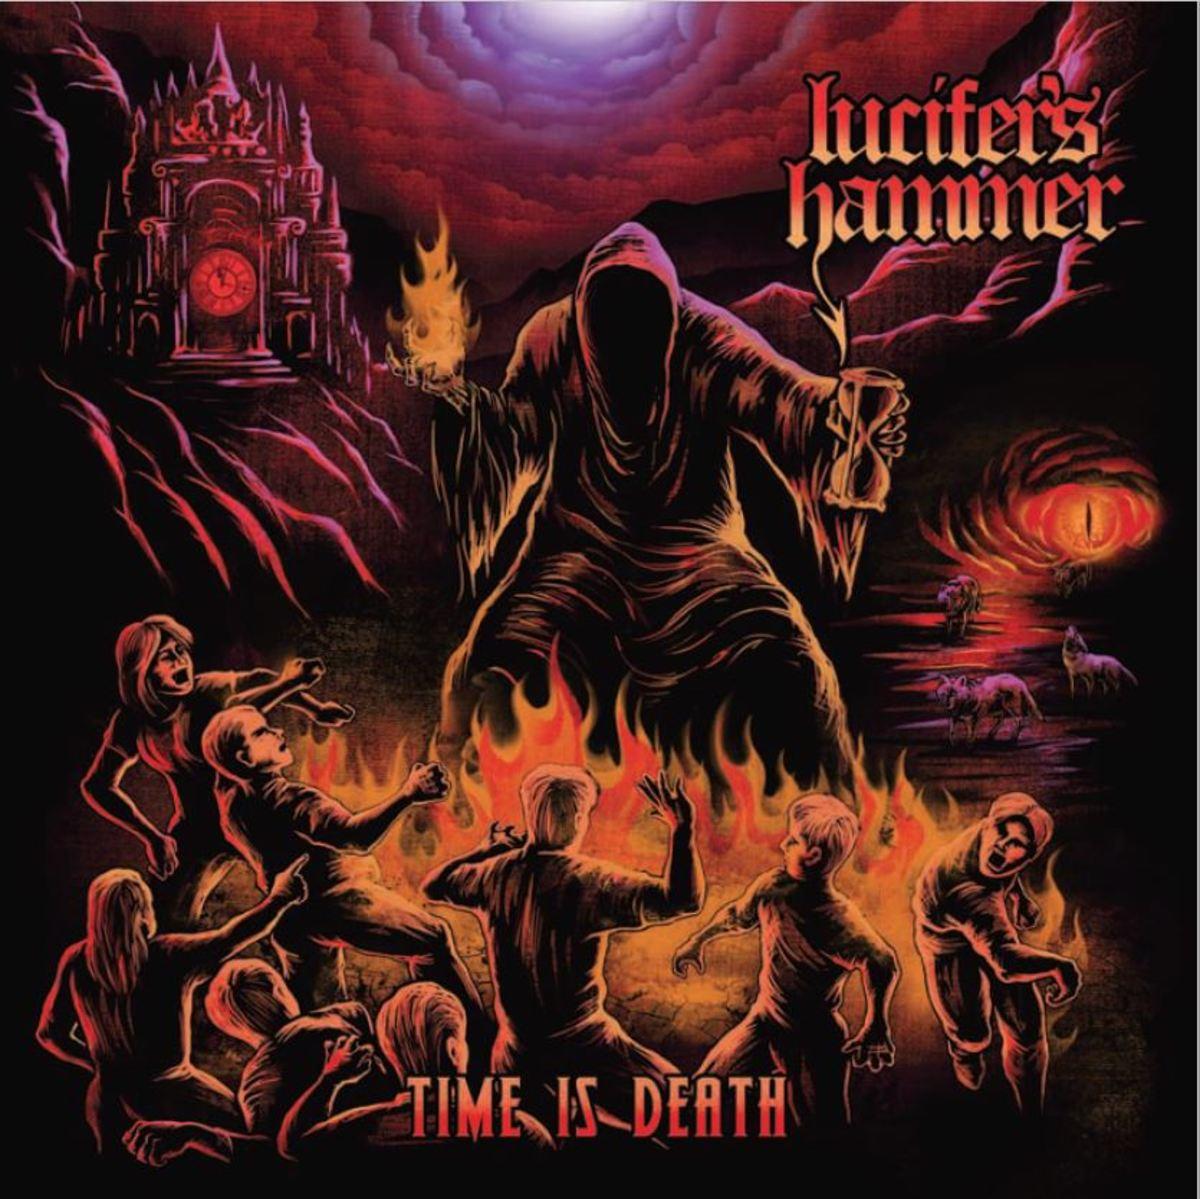 Lucifer's Hammer's